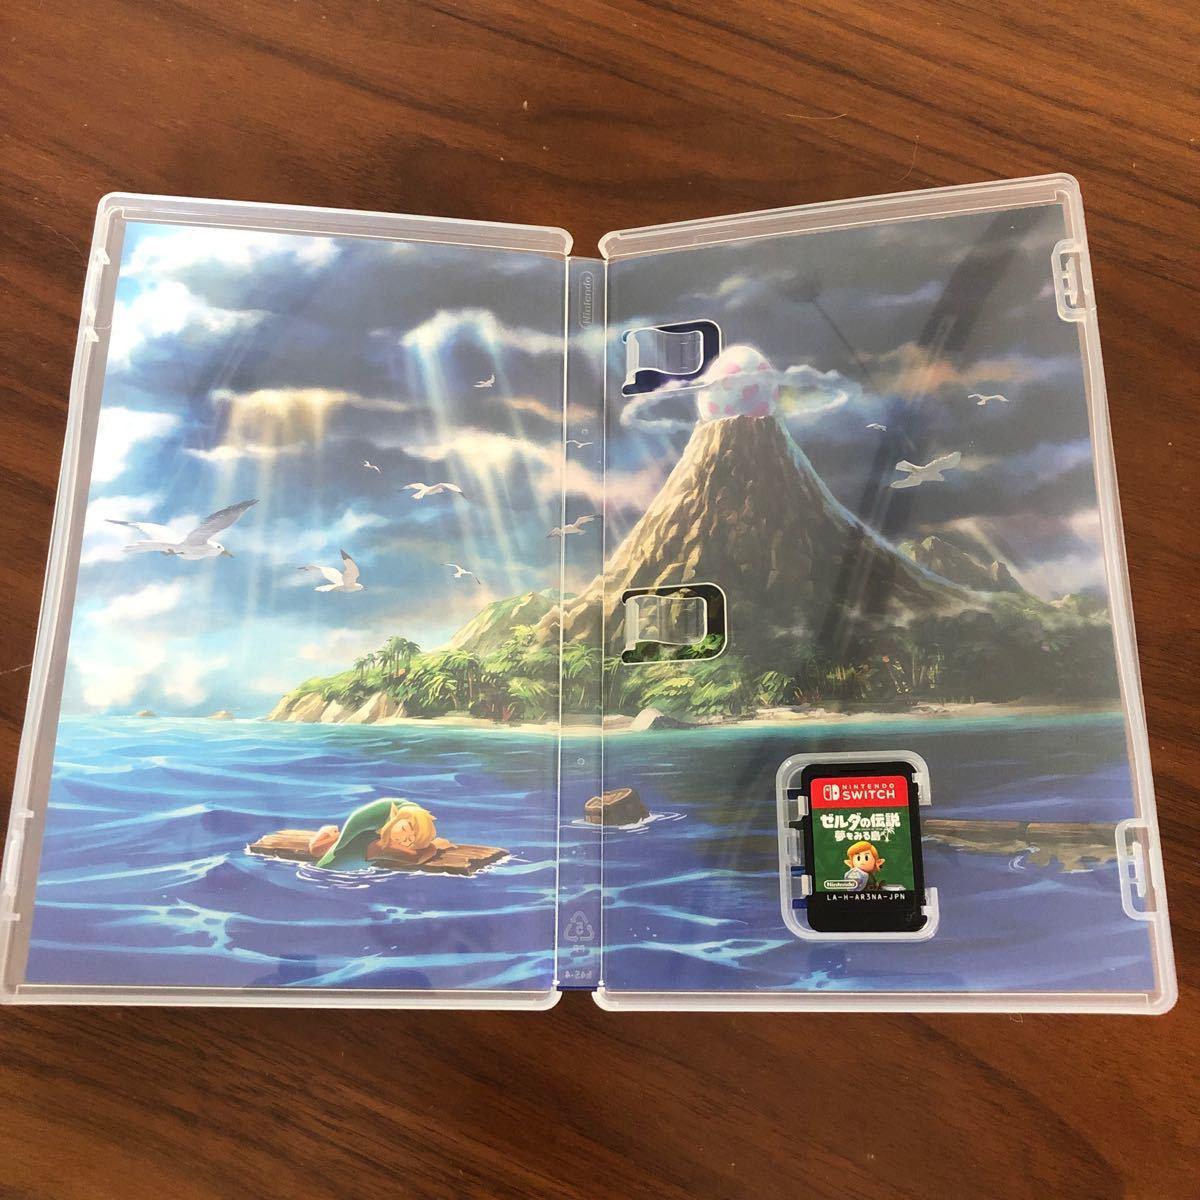 ゼルダの伝説 夢をみる島 Switch